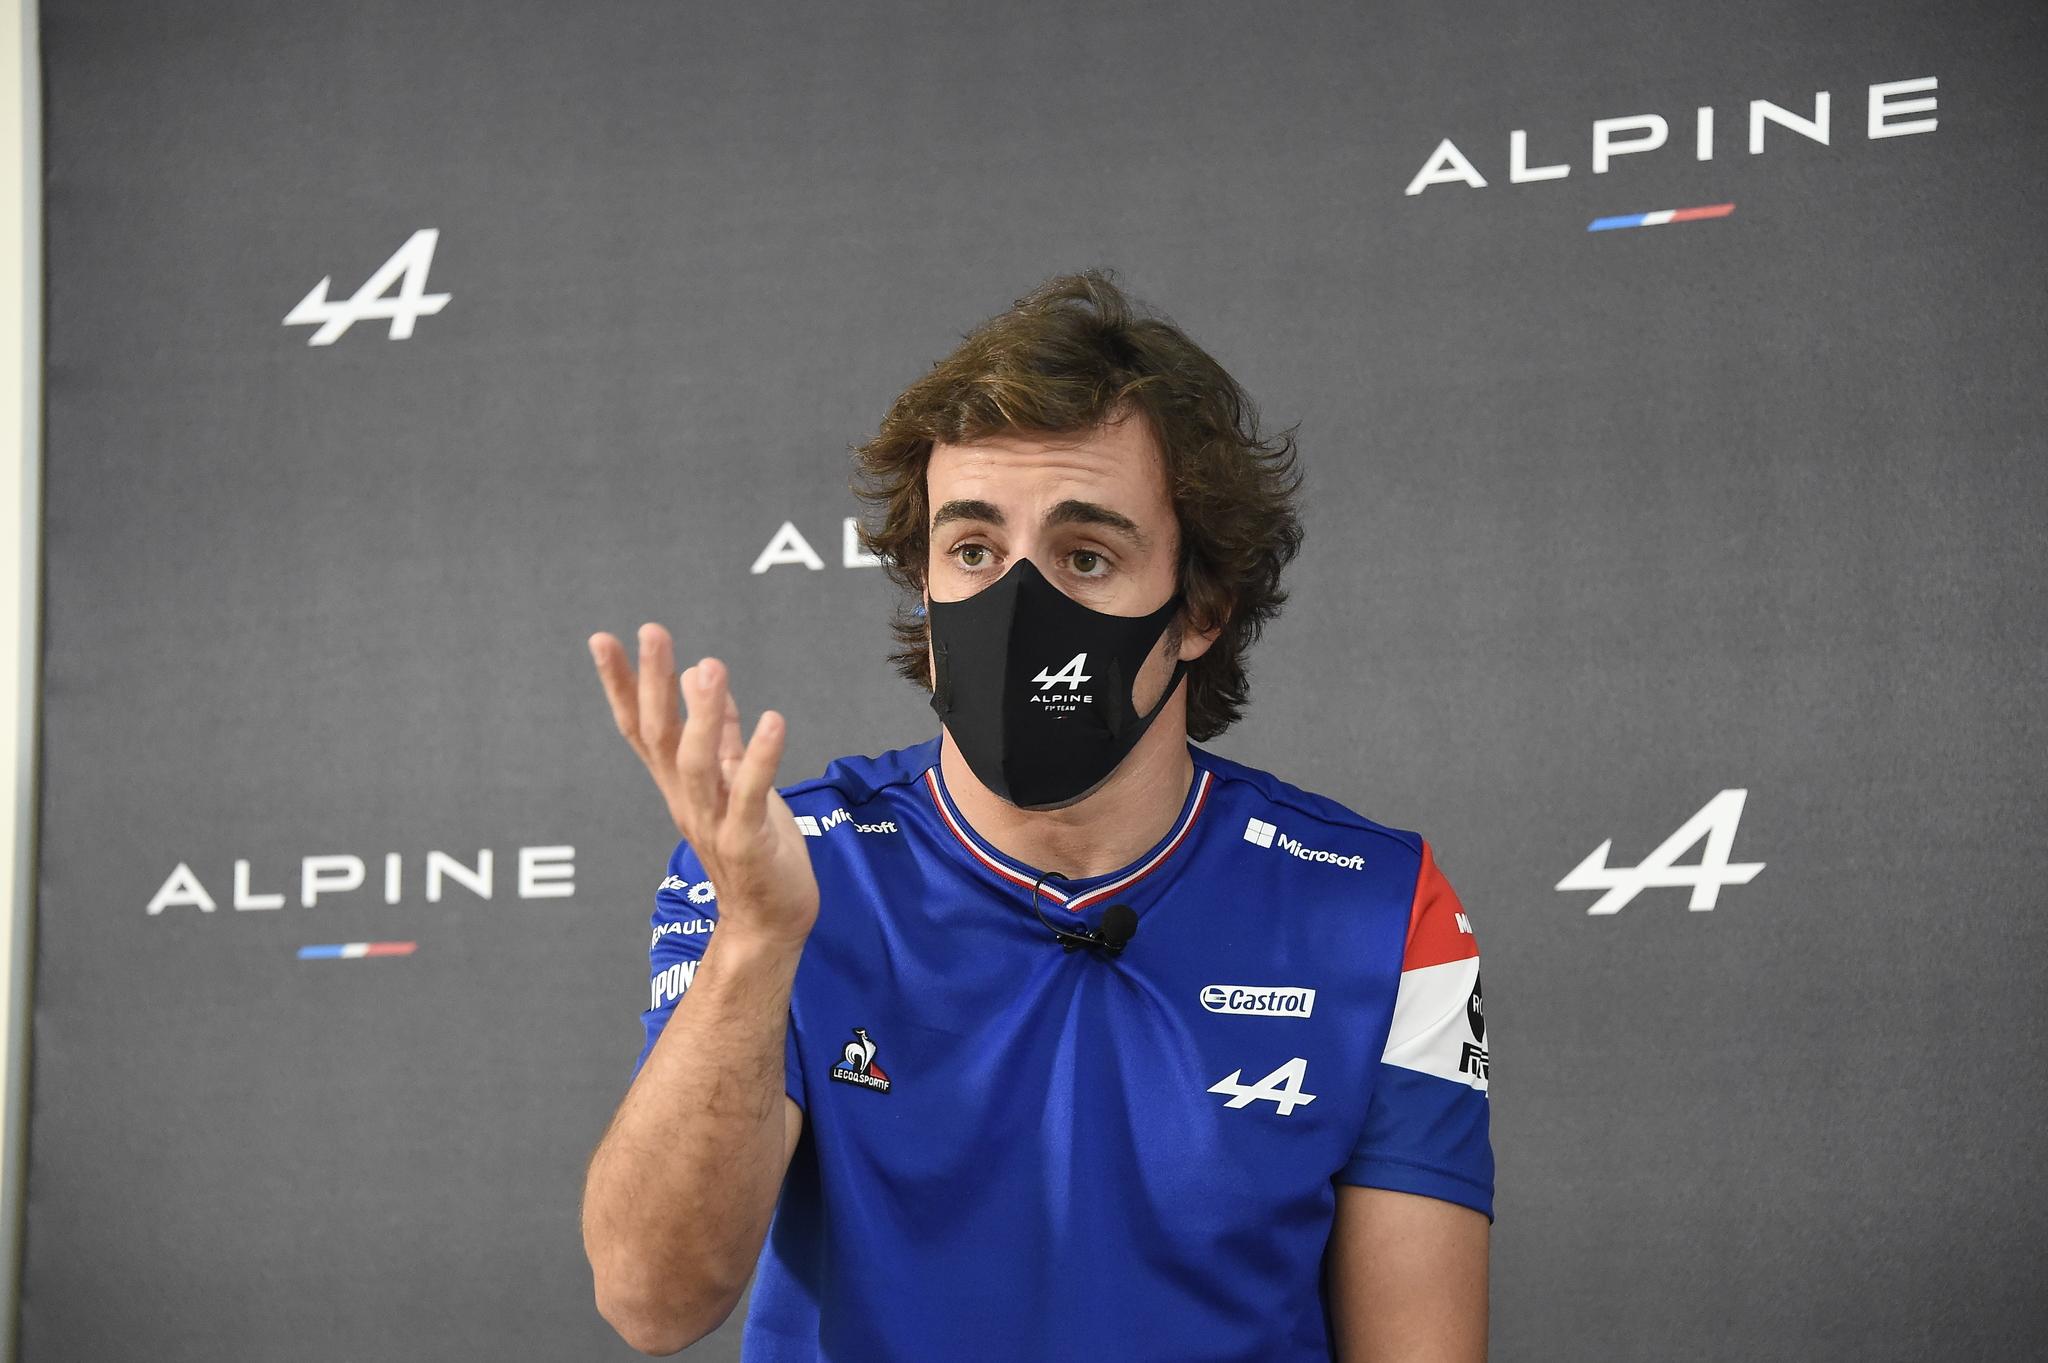 Fernando lt;HIT gt;Alonso lt;/HIT gt; en evento Alpine en Barcelona 2021